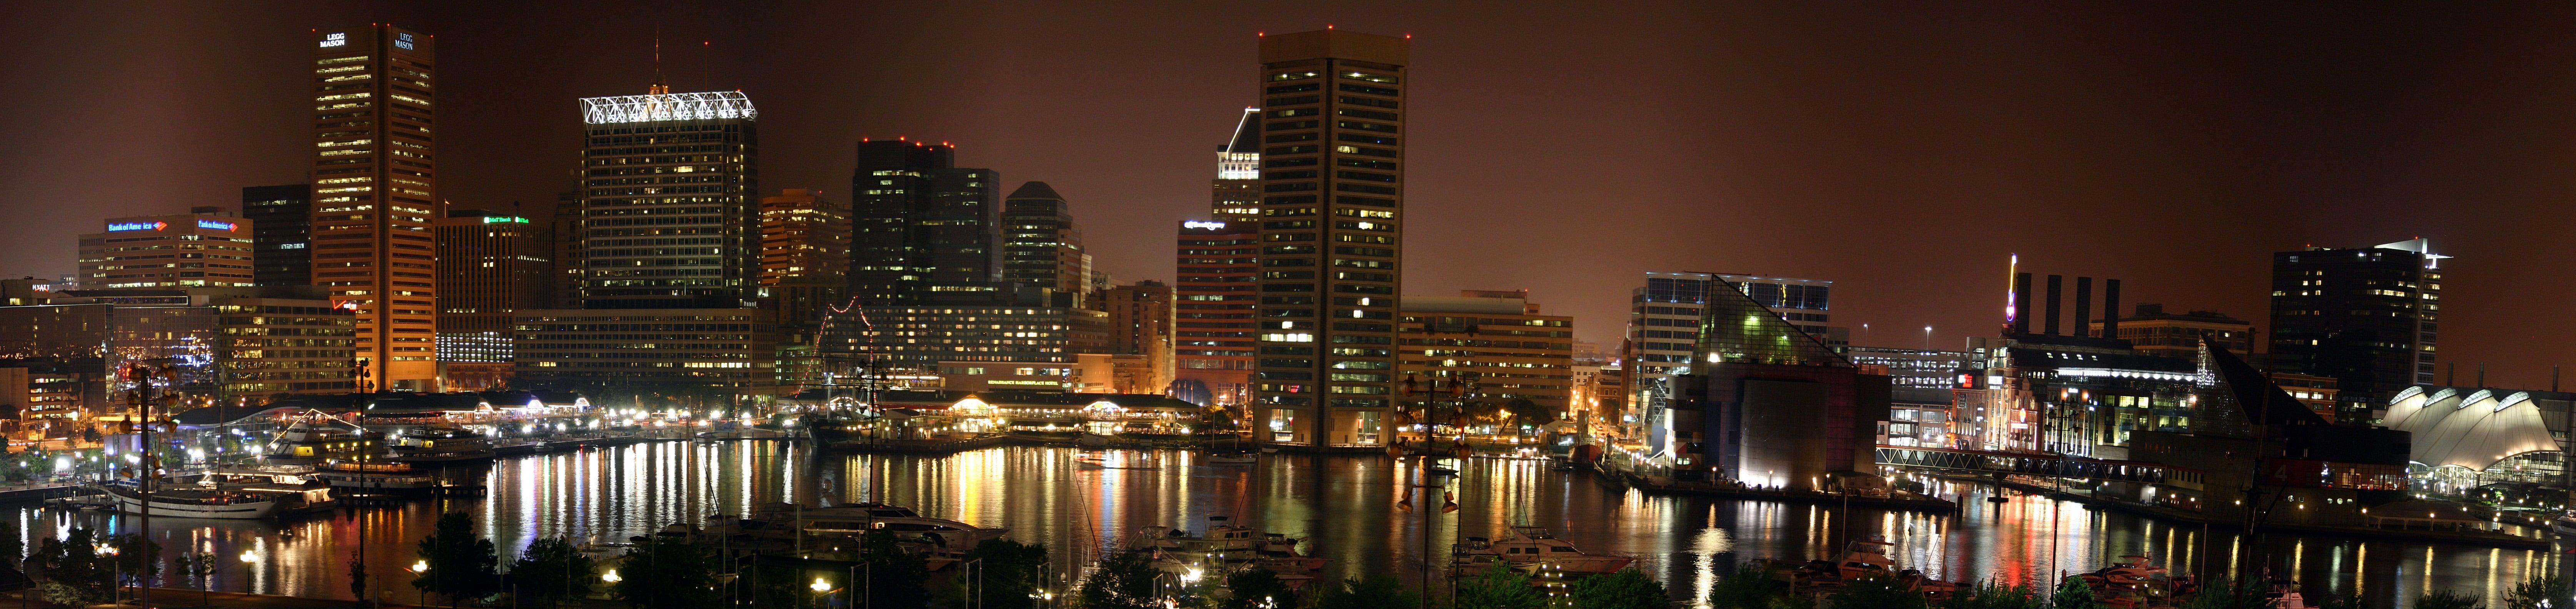 Baltimore High